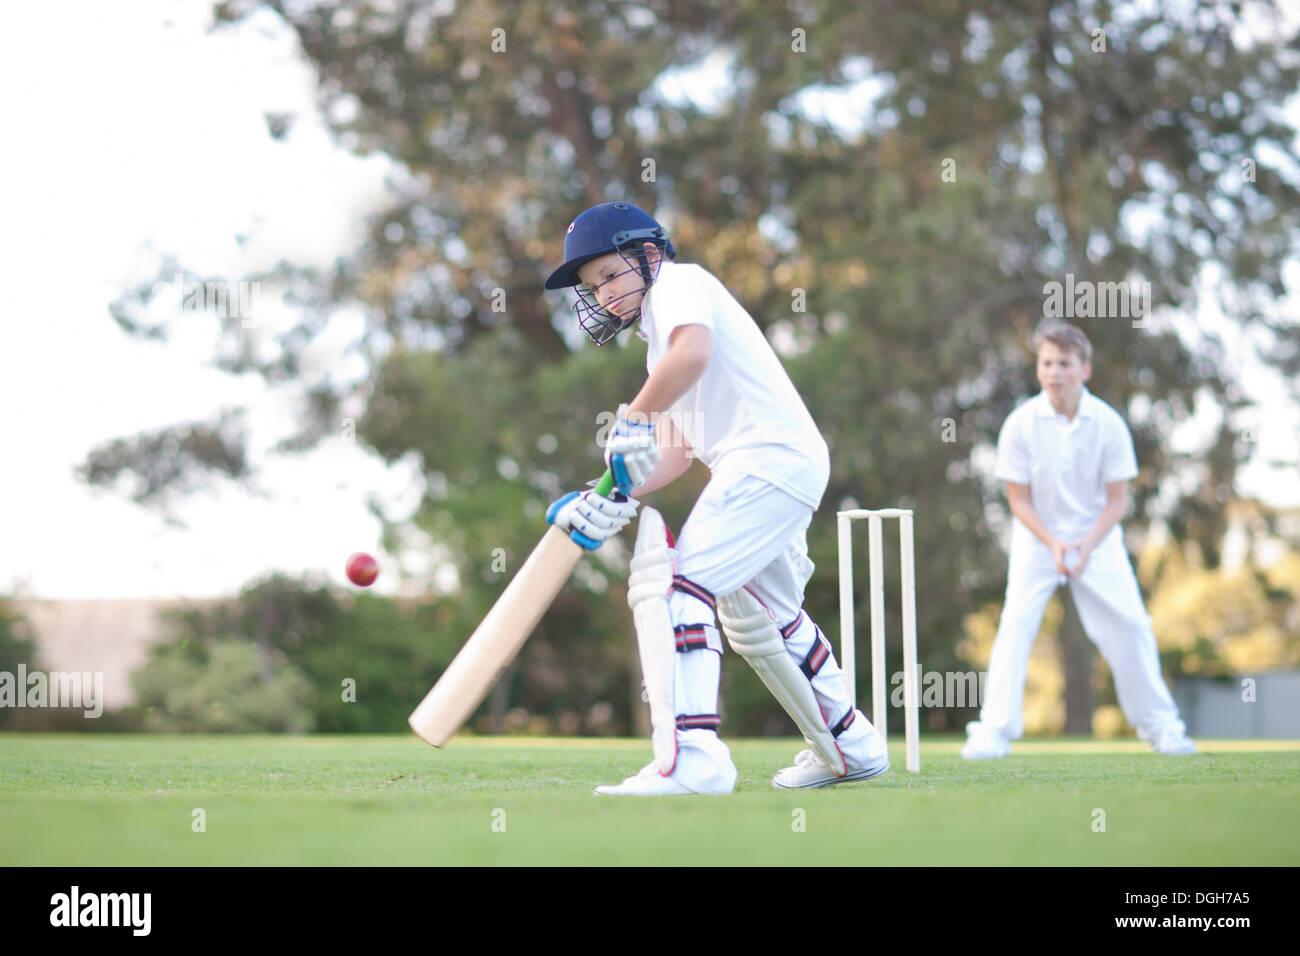 Ragazzi giocare a cricket Immagini Stock